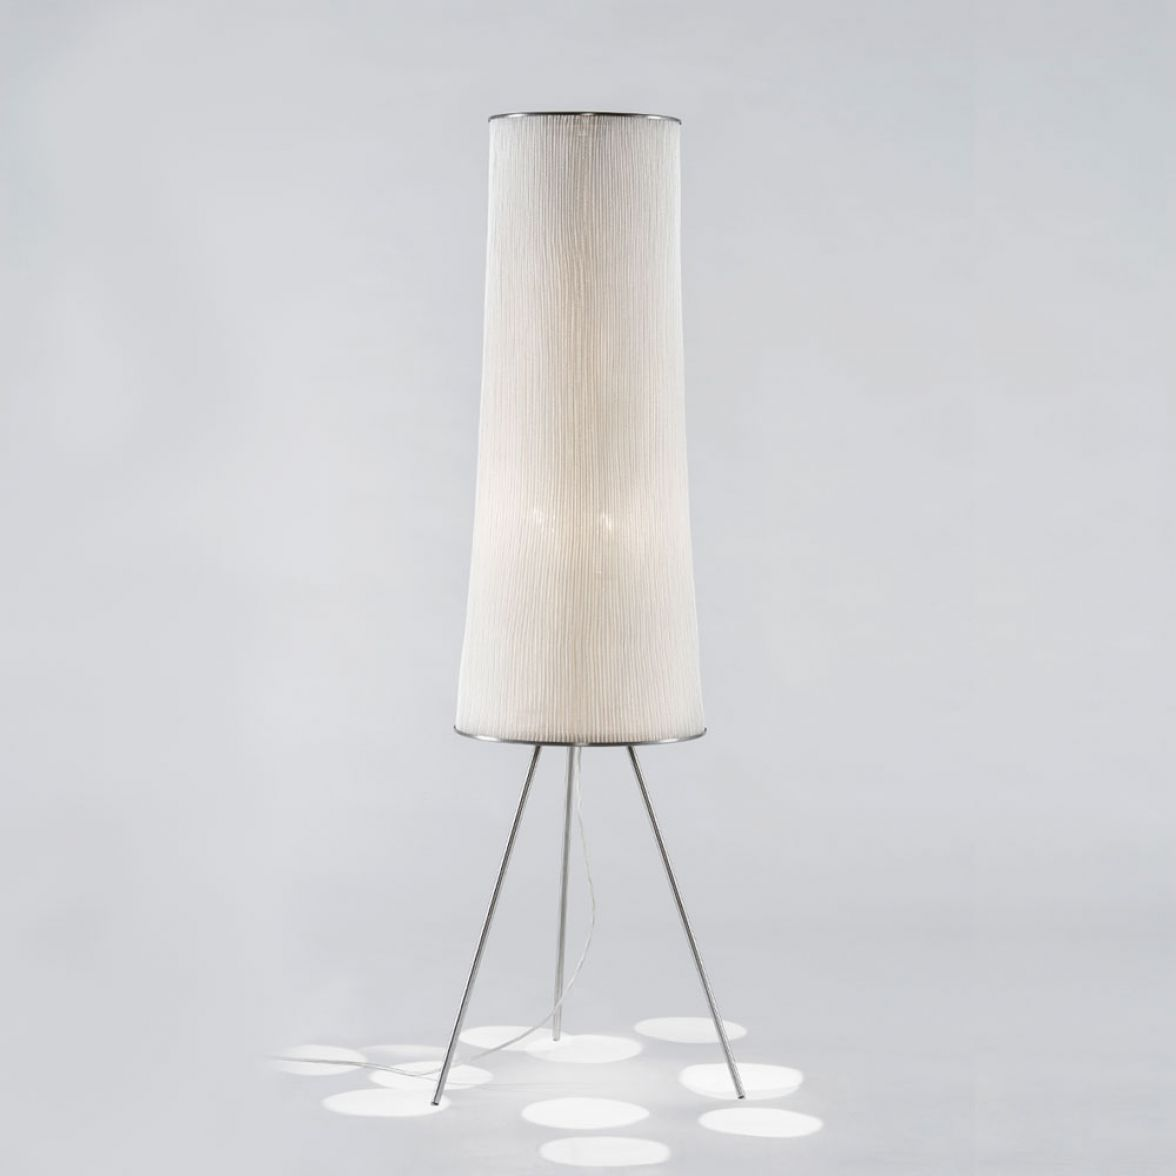 Ura floor lamp